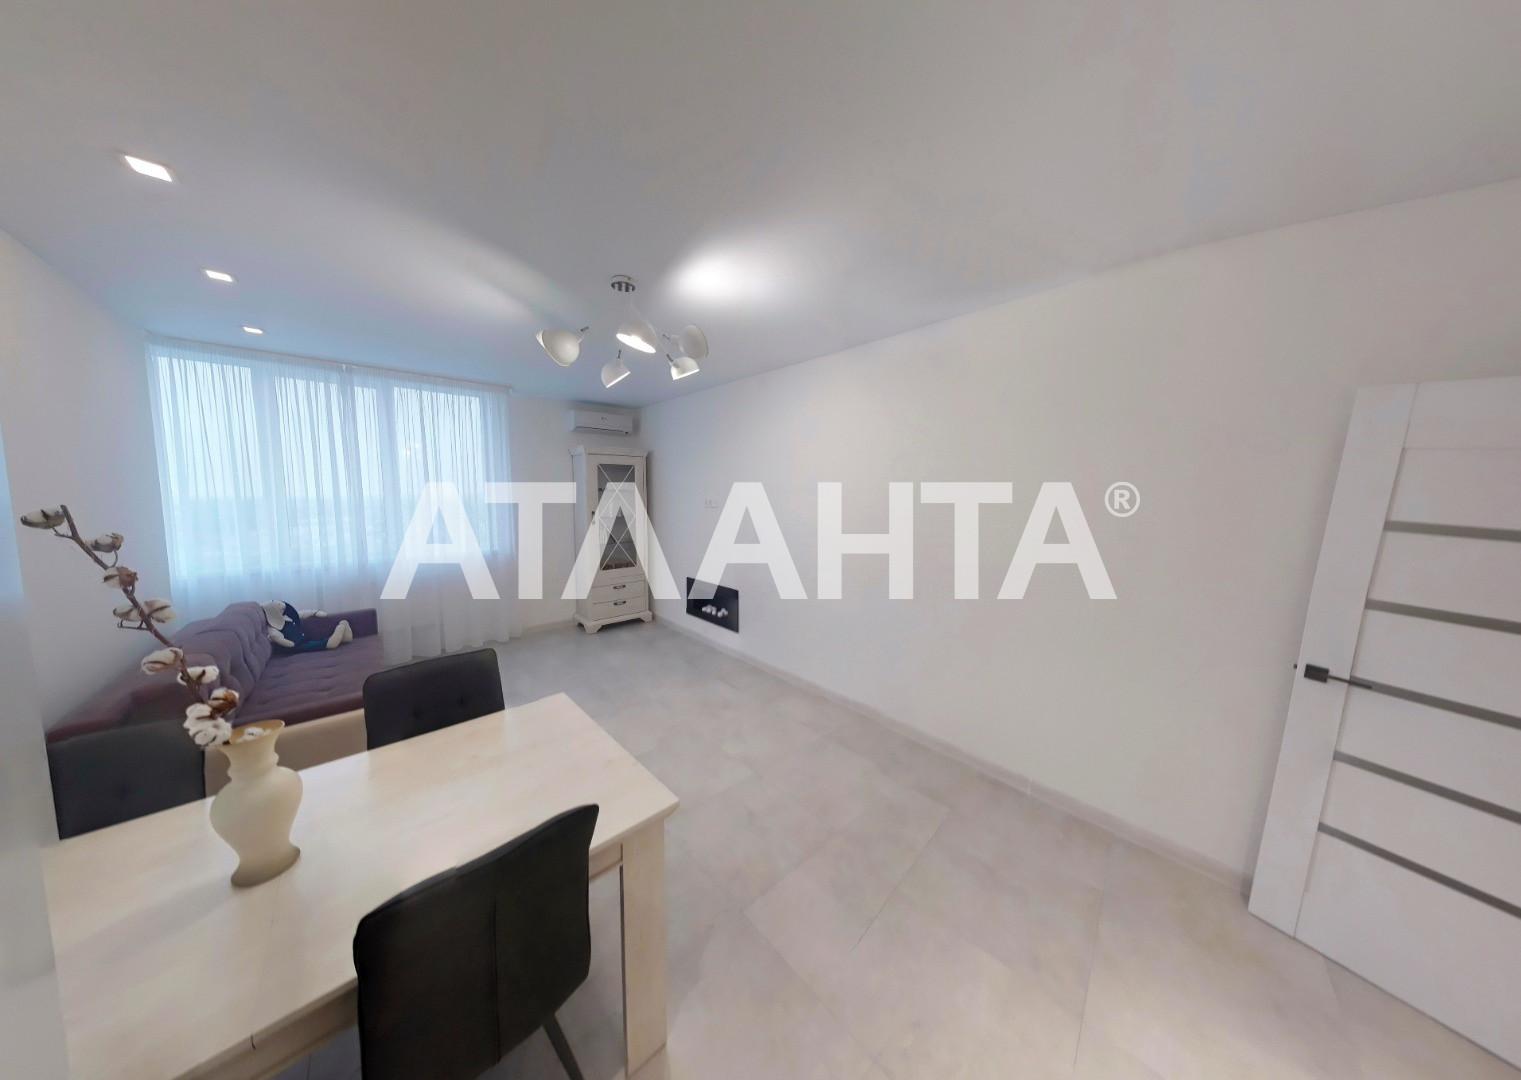 Продается 2-комнатная Квартира на ул. Теремковская — 85 000 у.е. (фото №4)